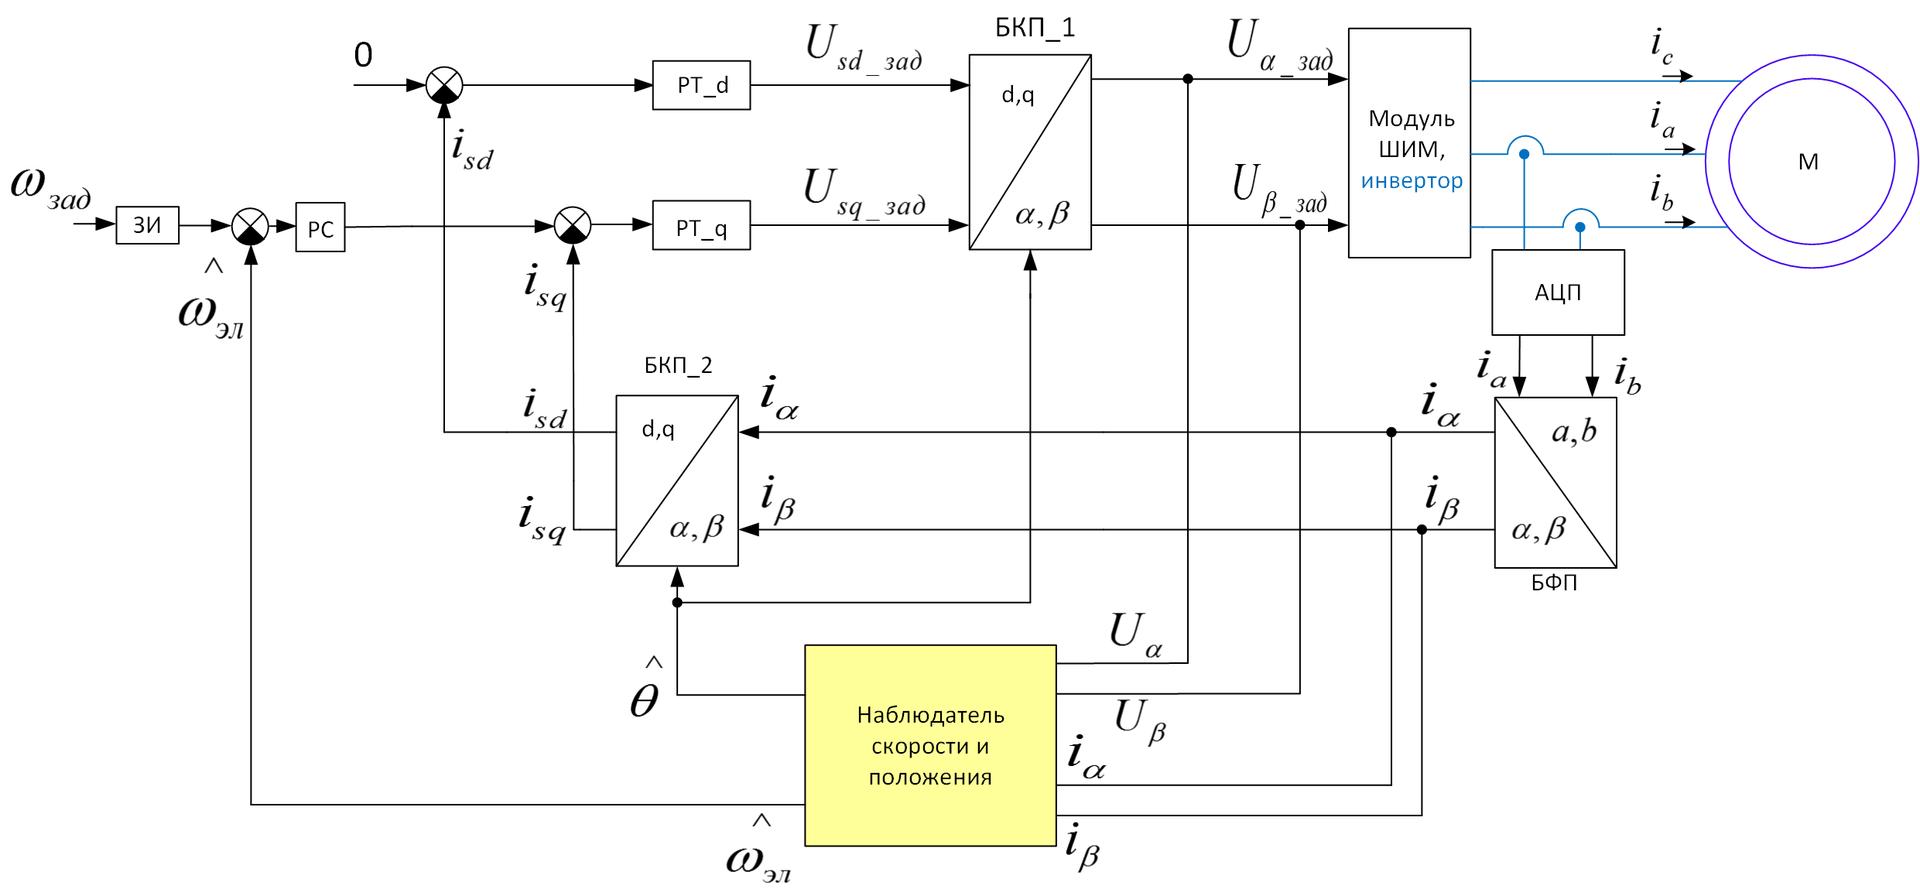 Способы отладки ПО микроконтроллеров в электроприводе - 6